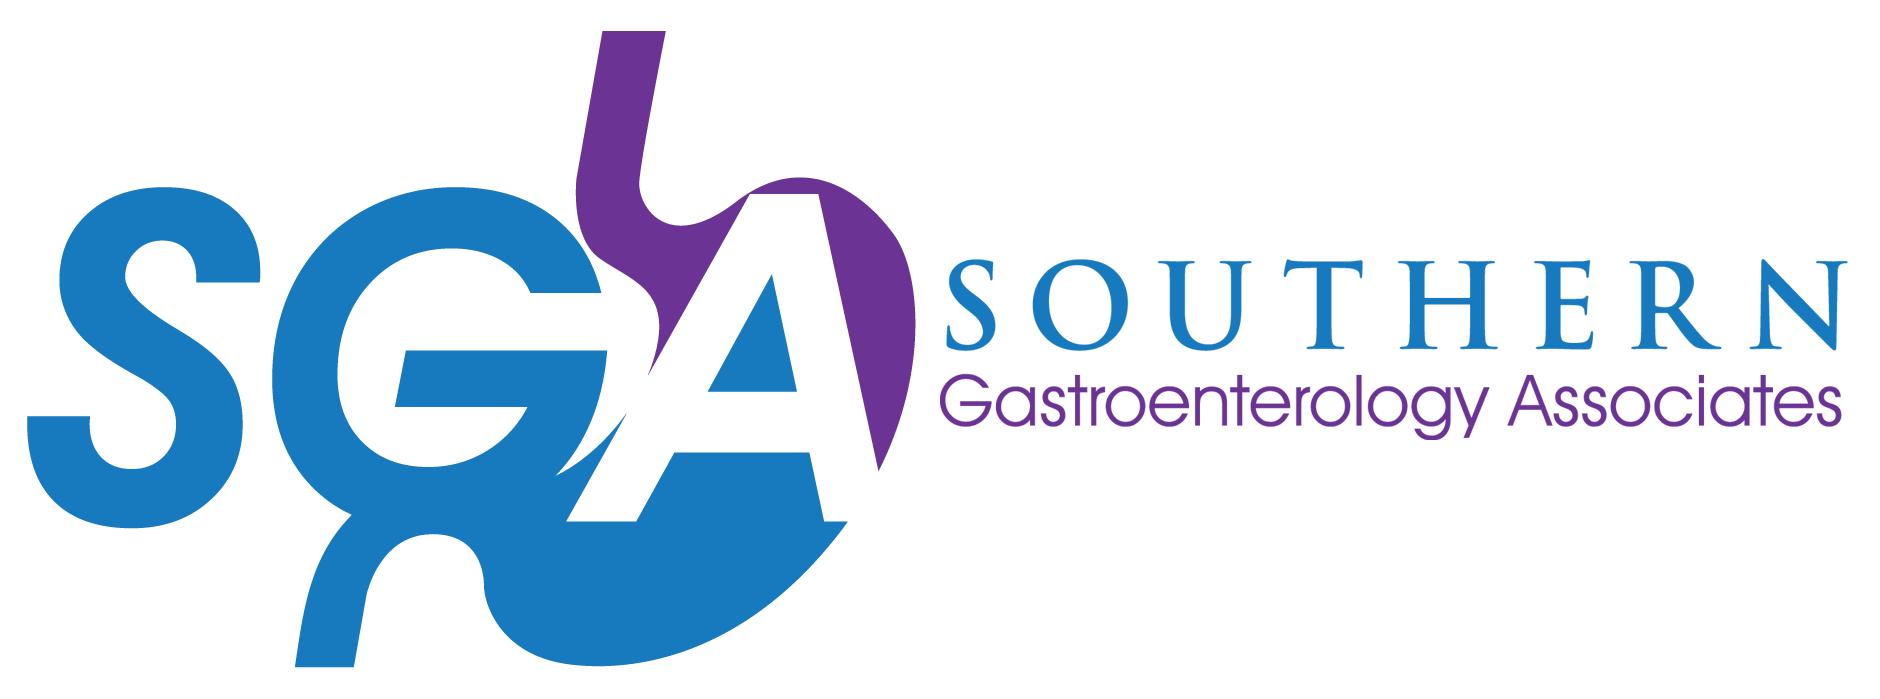 Southern Gastroenterology Associates